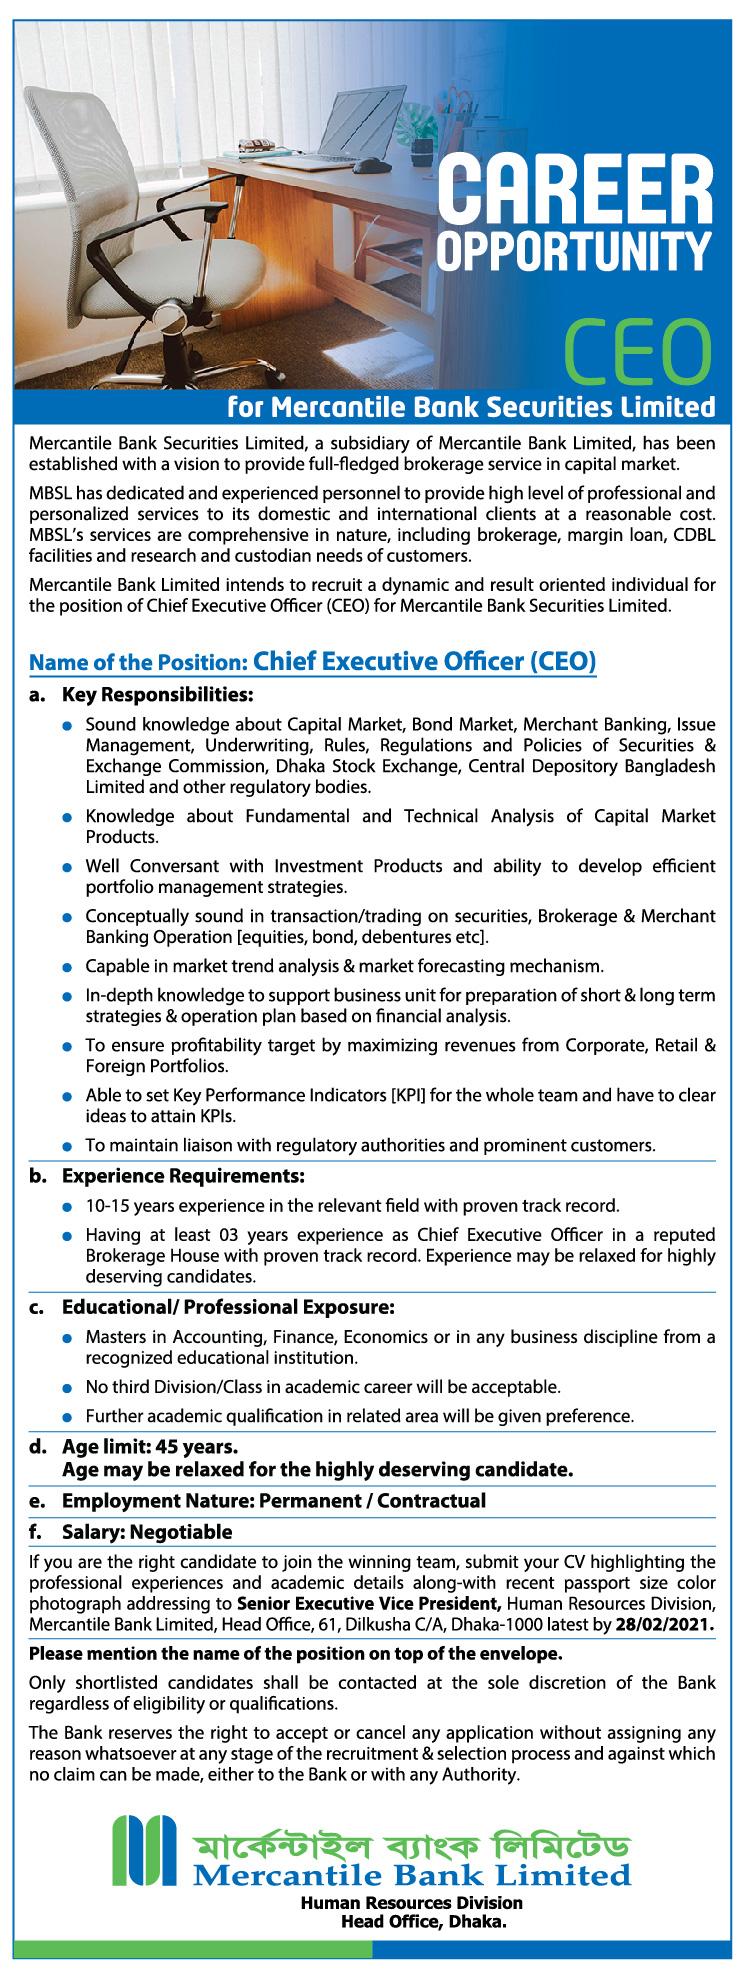 মার্কেন্টাইল ব্যাংক নিয়োগ বিজ্ঞপ্তি ২০২১ - Mercantile Bank Job Circular 2021